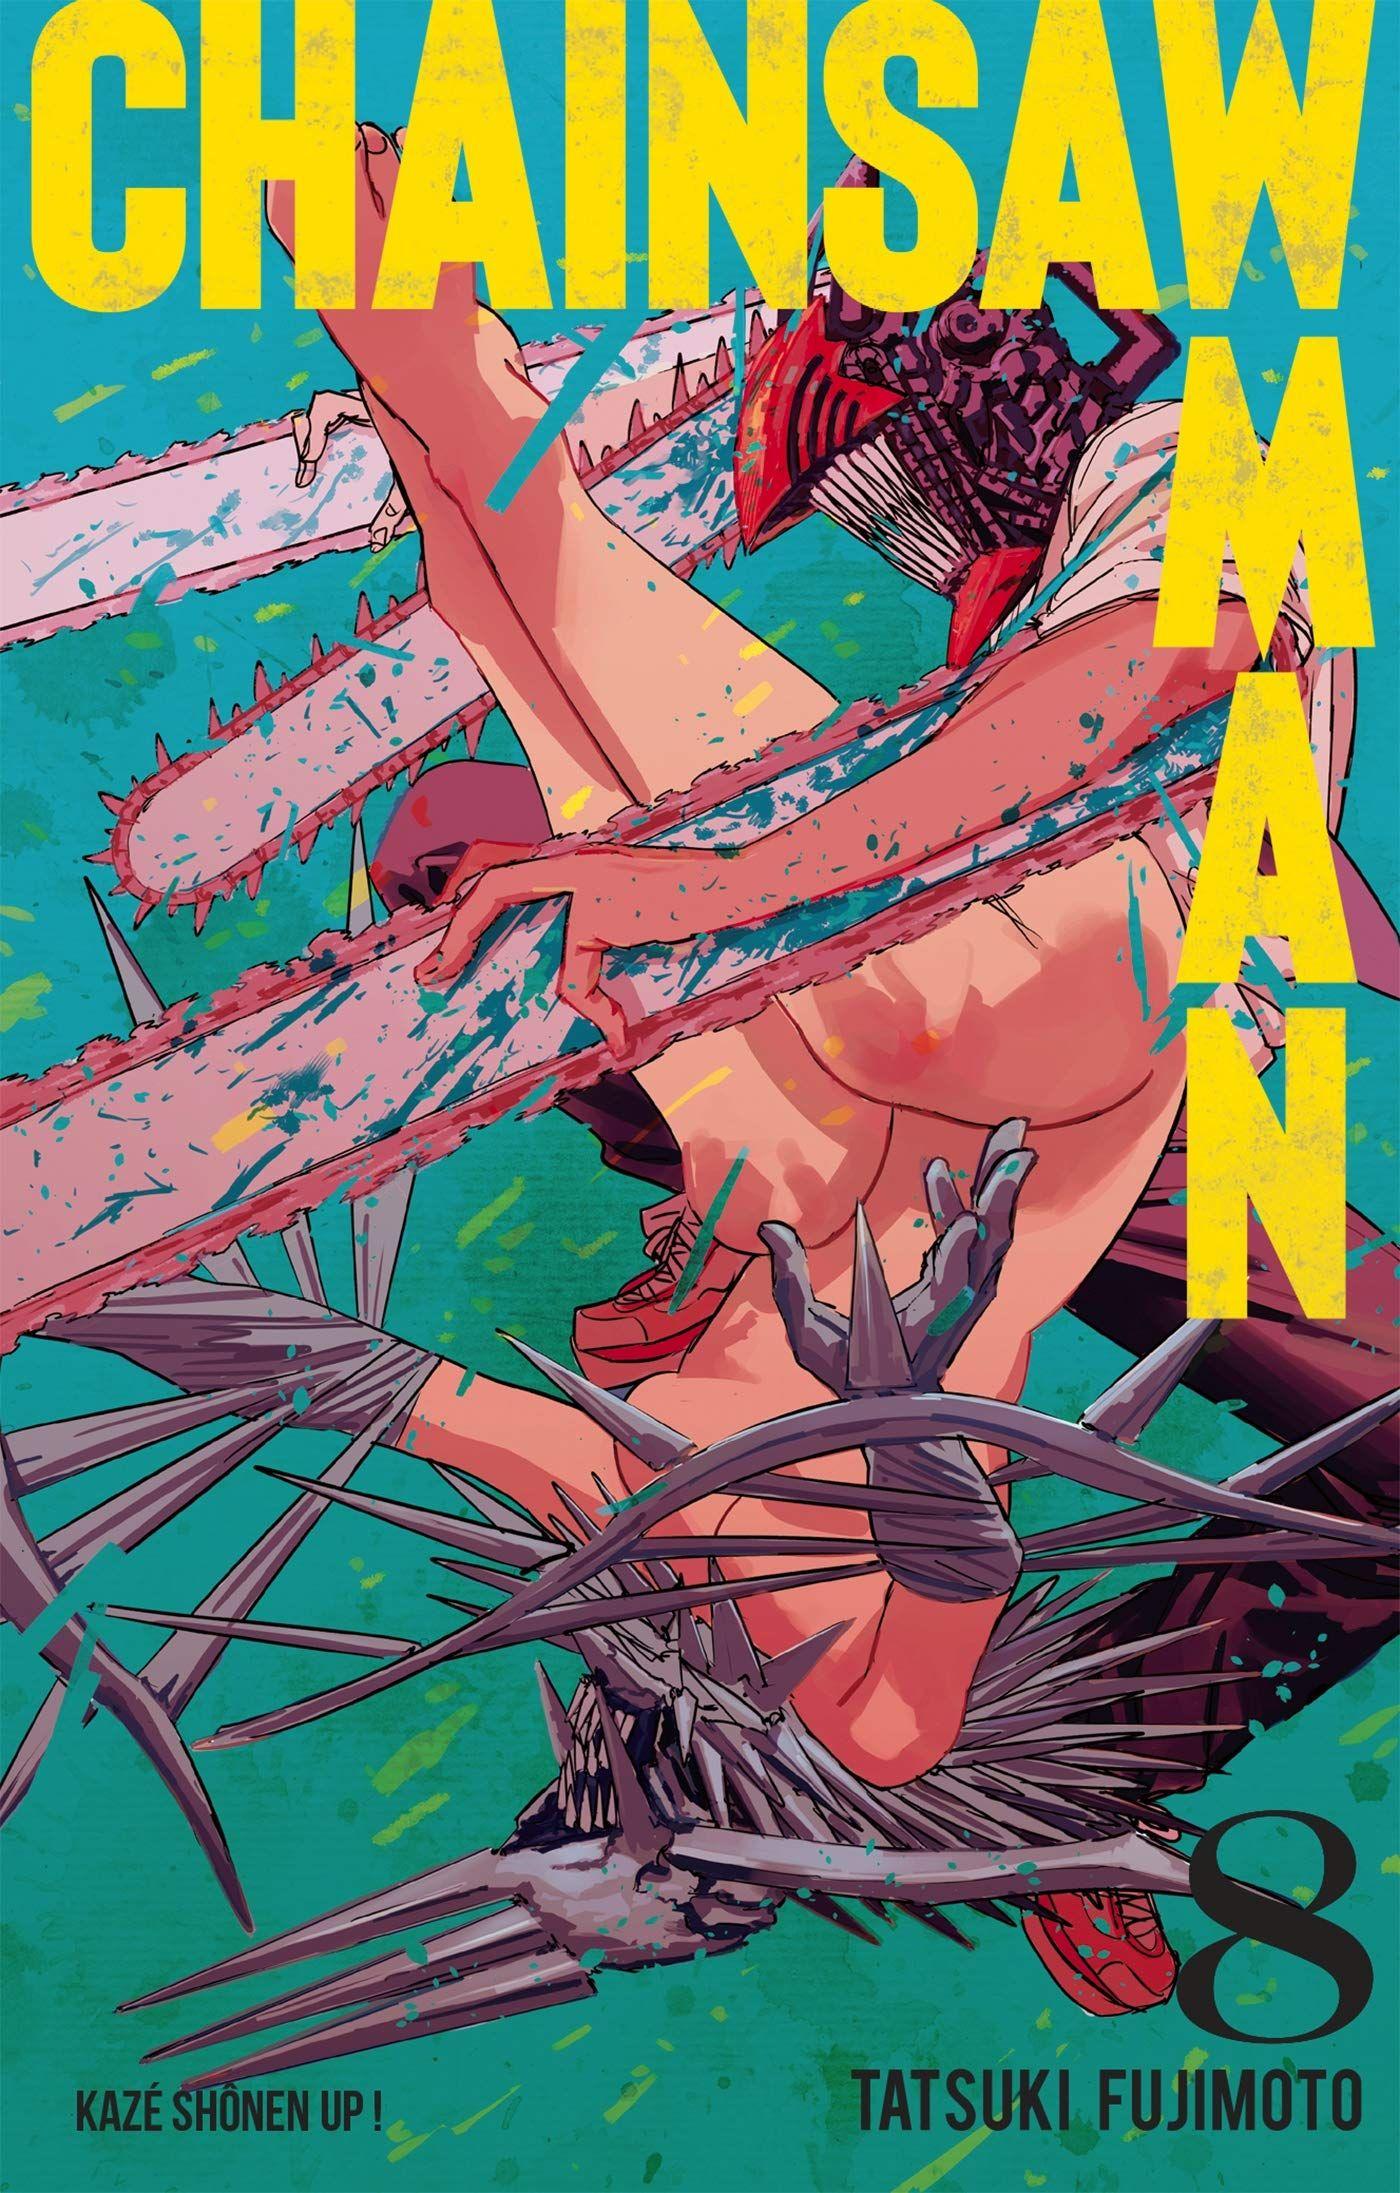 Sortie Manga au Québec JUIN 2021 Chainsaw_8_Kaze